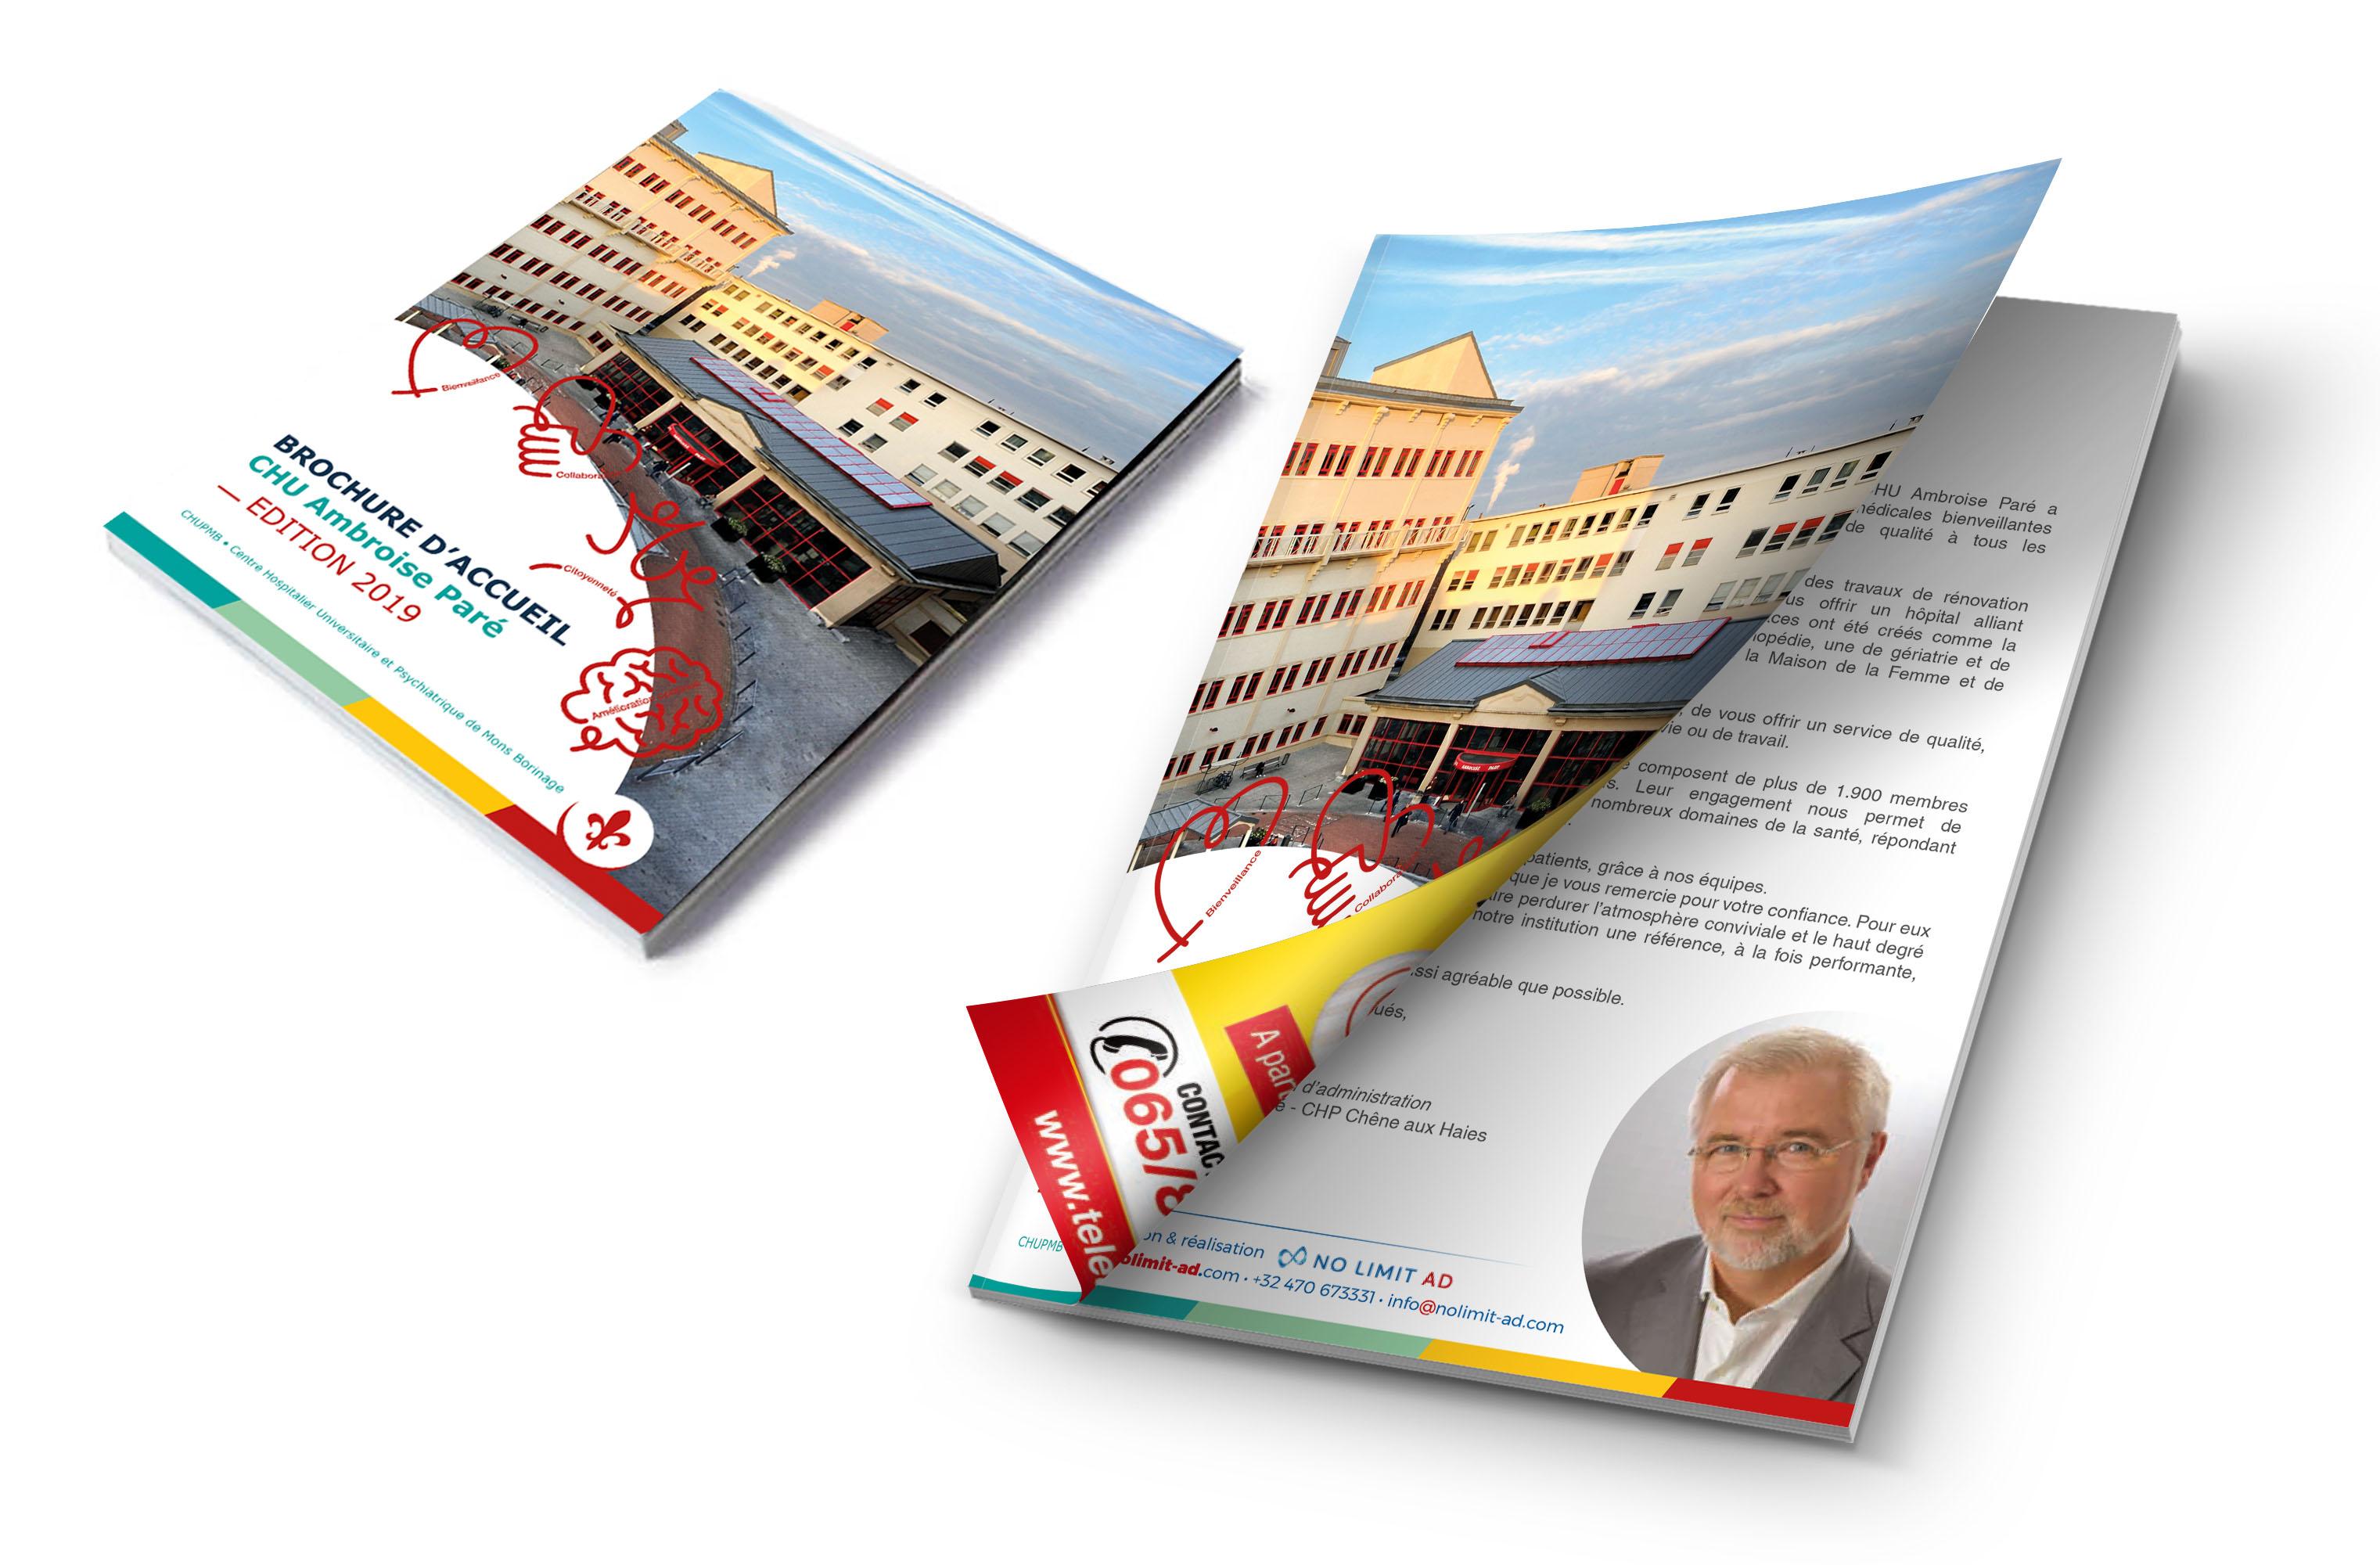 Réalisation et impression des brochures d'accueil pour le CHU Ambroise Paré